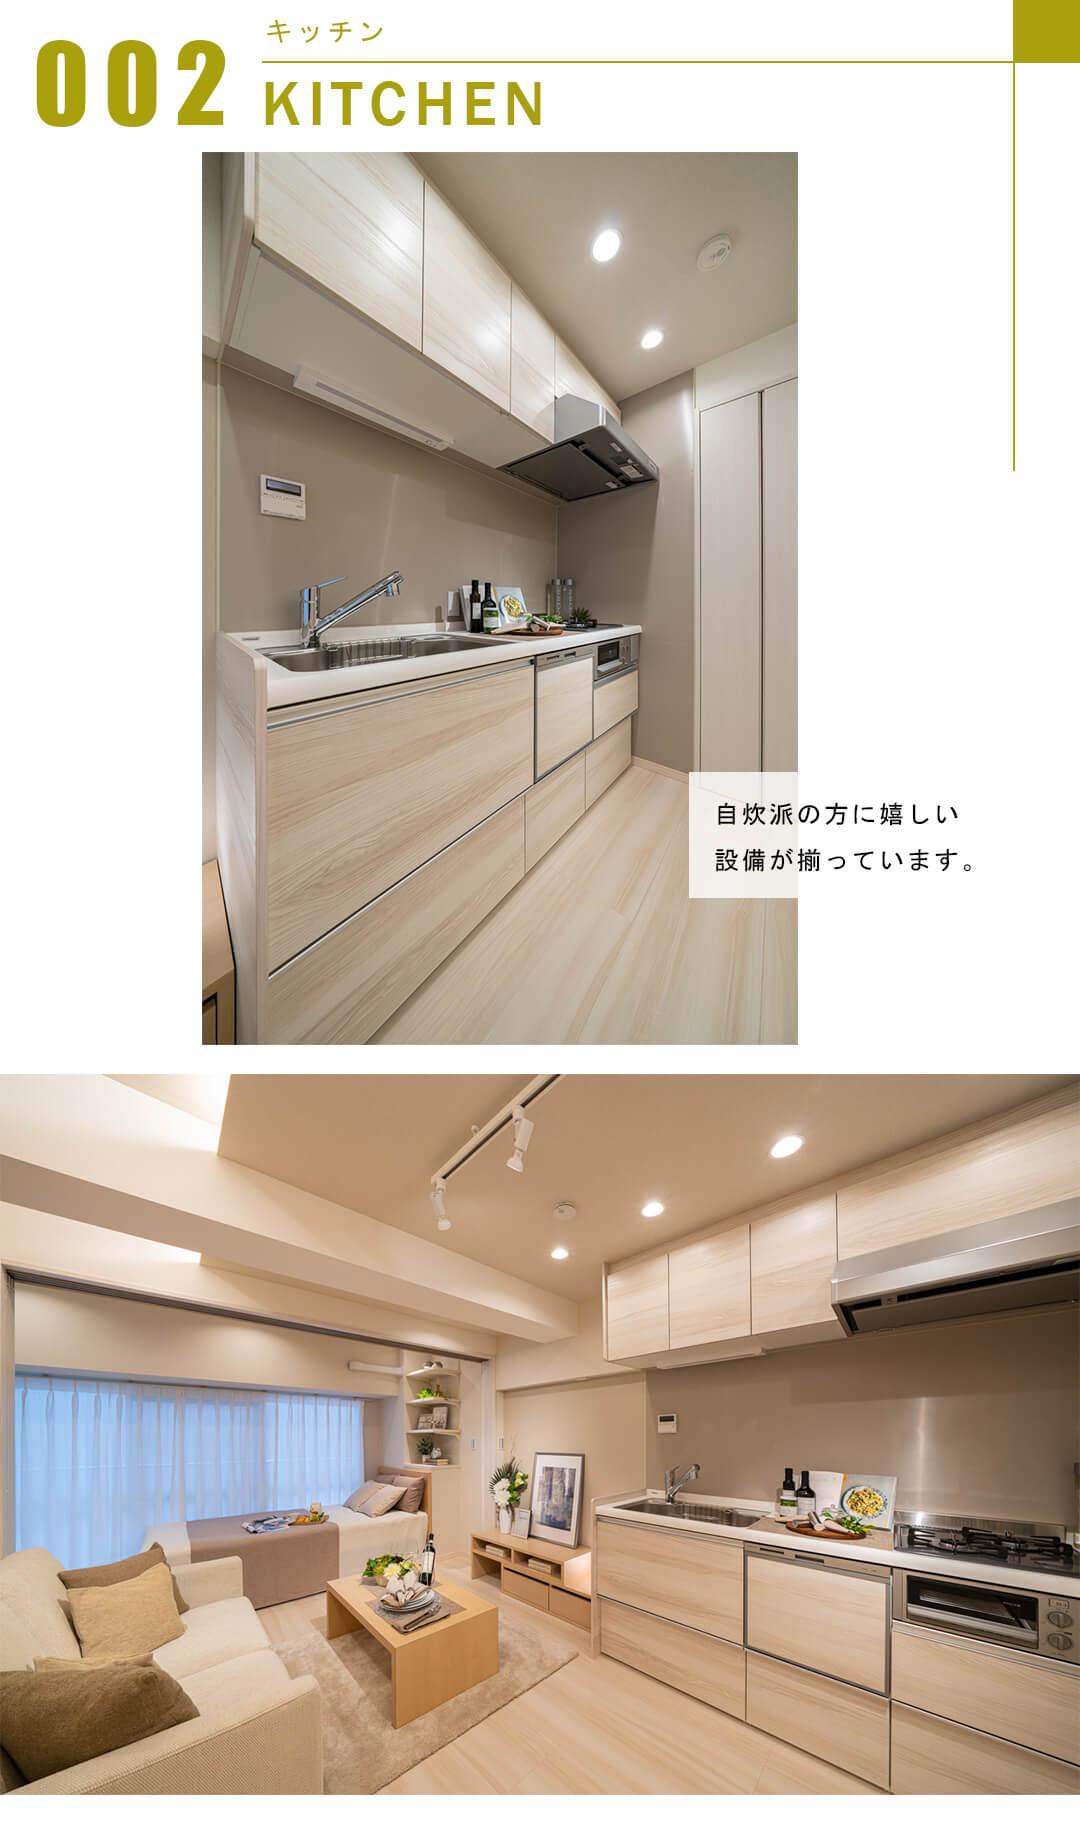 ハイネス巣鴨のキッチン